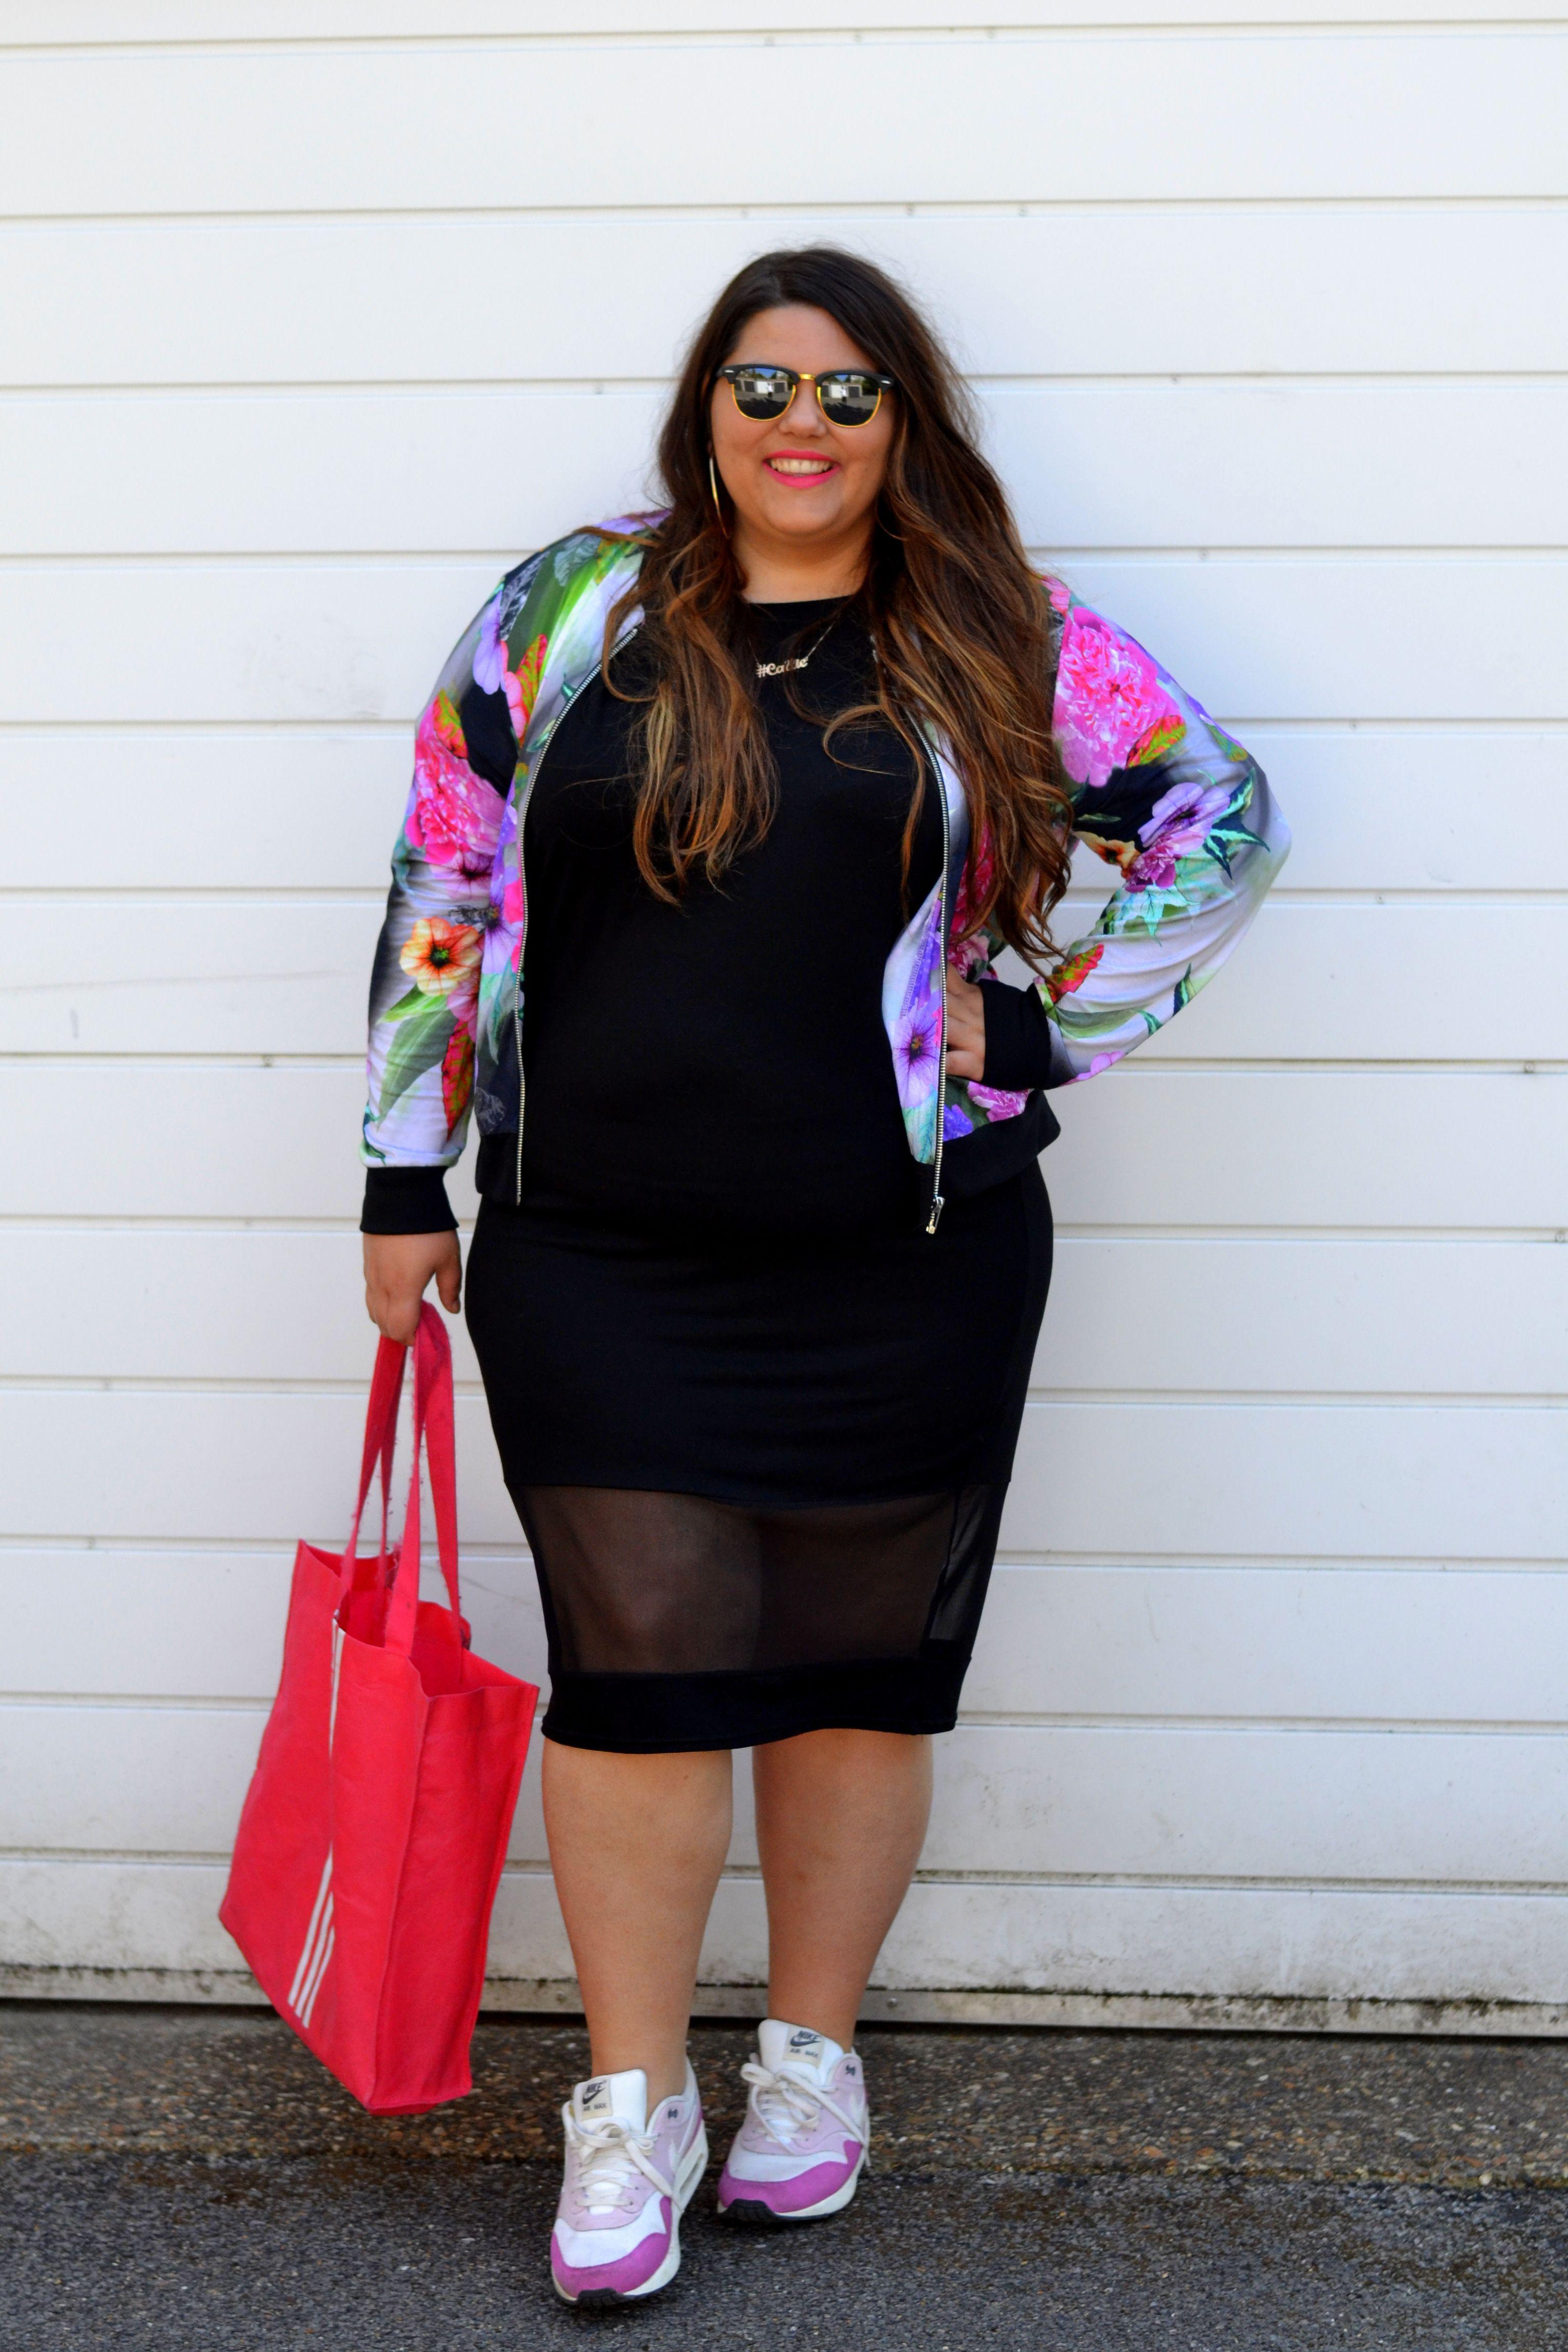 Pink bomber jacket plus size – Your jacket photo blog